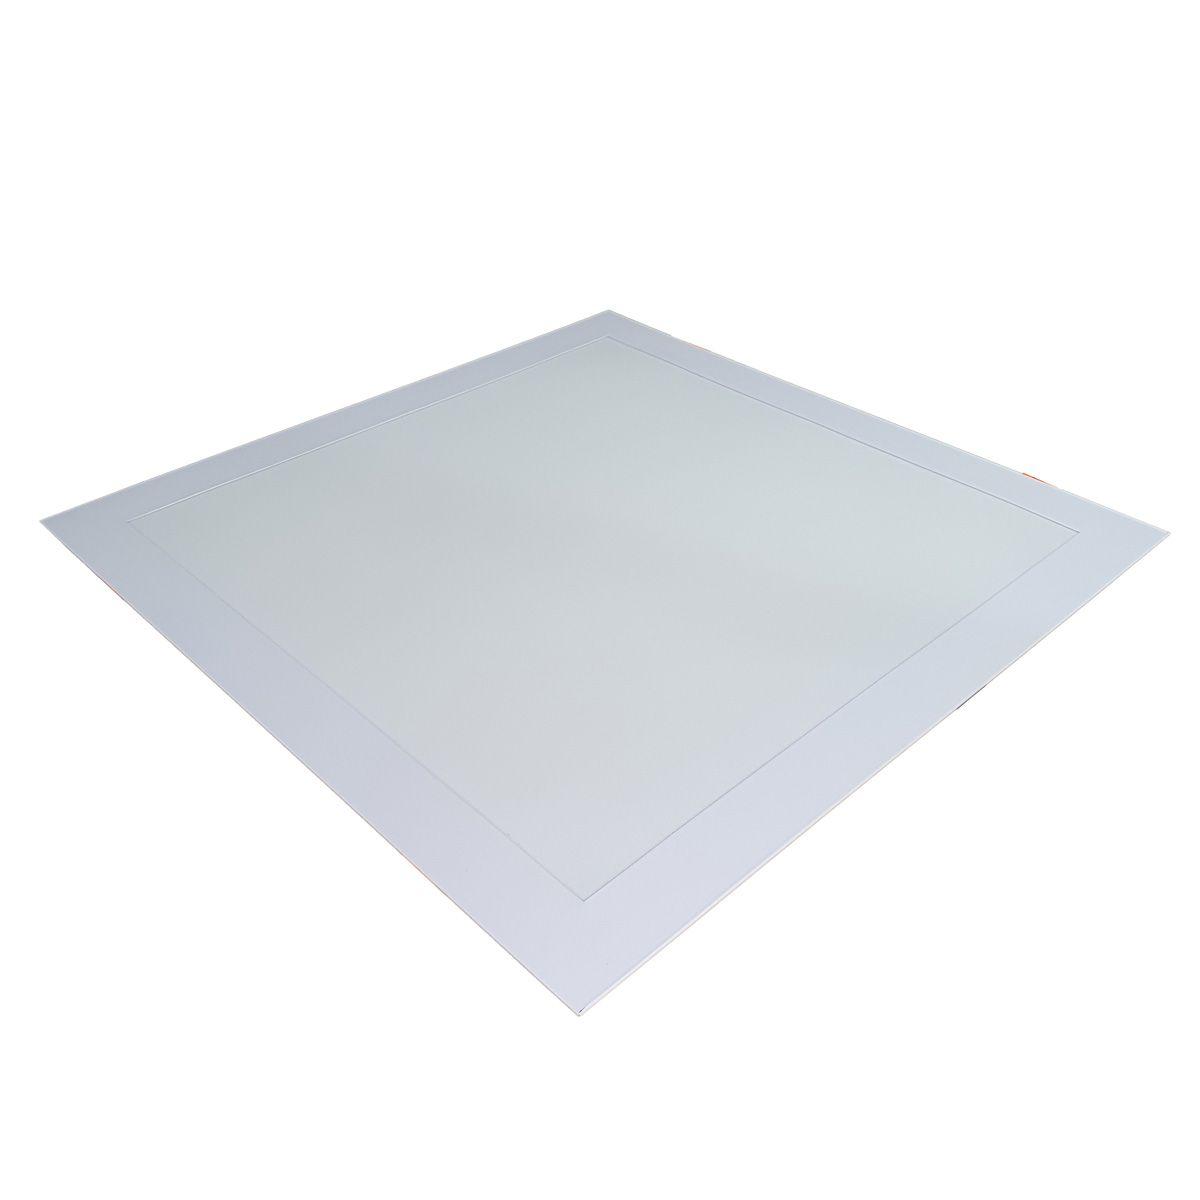 Luminária LED Embutir 36w Quadrada Branco Quente 3000k Plafon